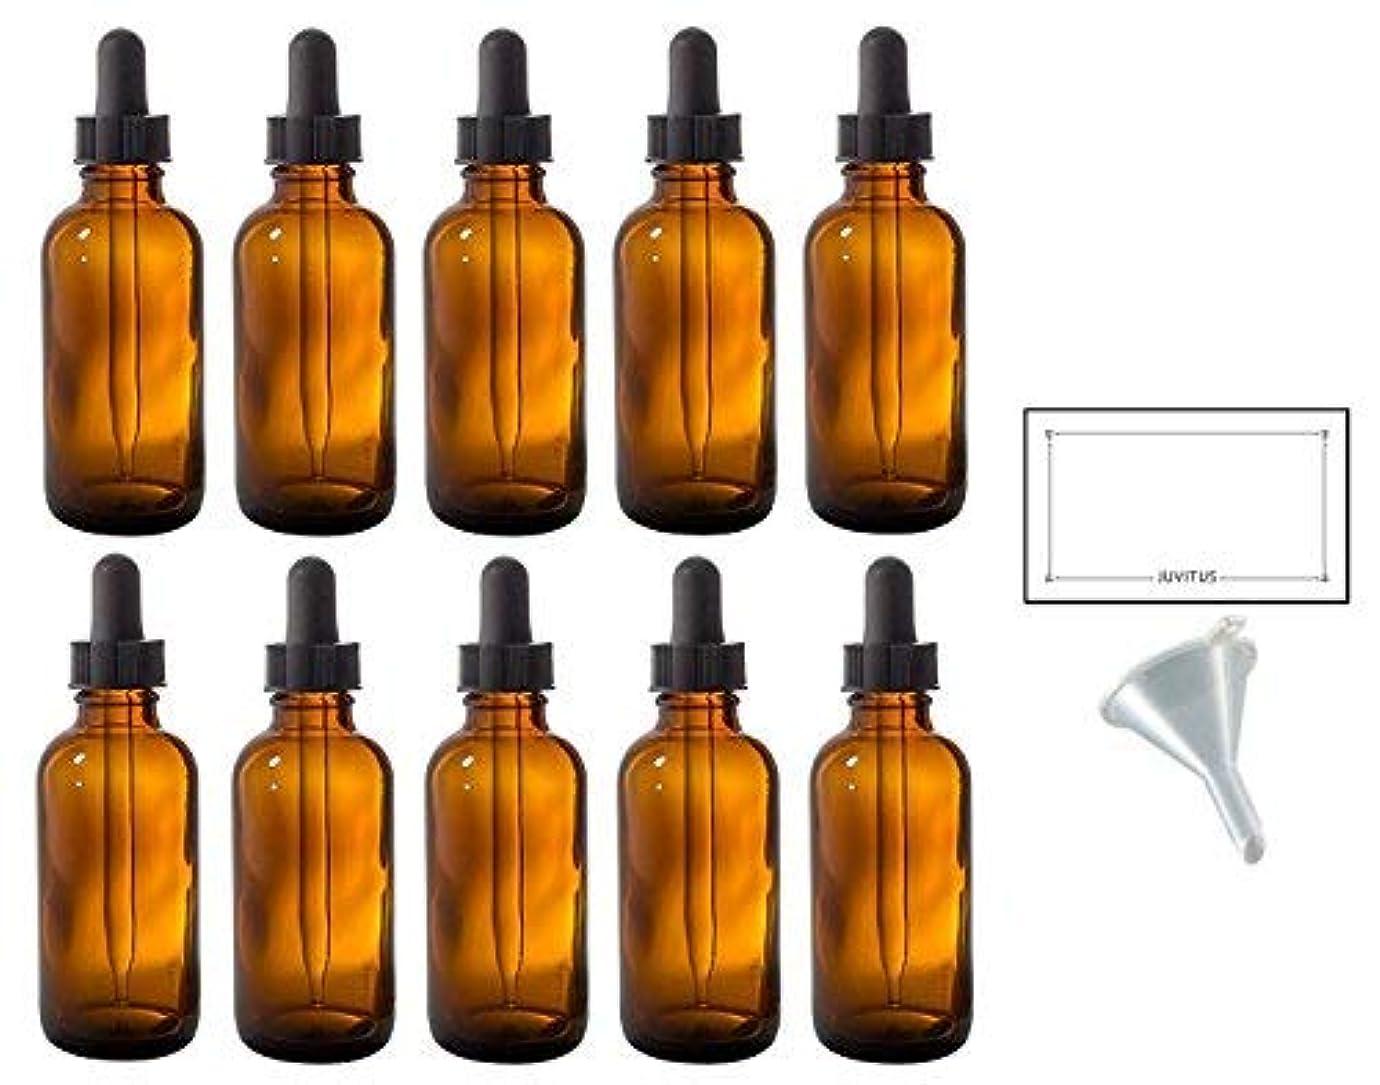 塗抹打撃迷路2 oz Amber Glass Boston Round Dropper Bottle (10 pack) + Funnel and Labels for essential oils, aromatherapy, e-liquid...